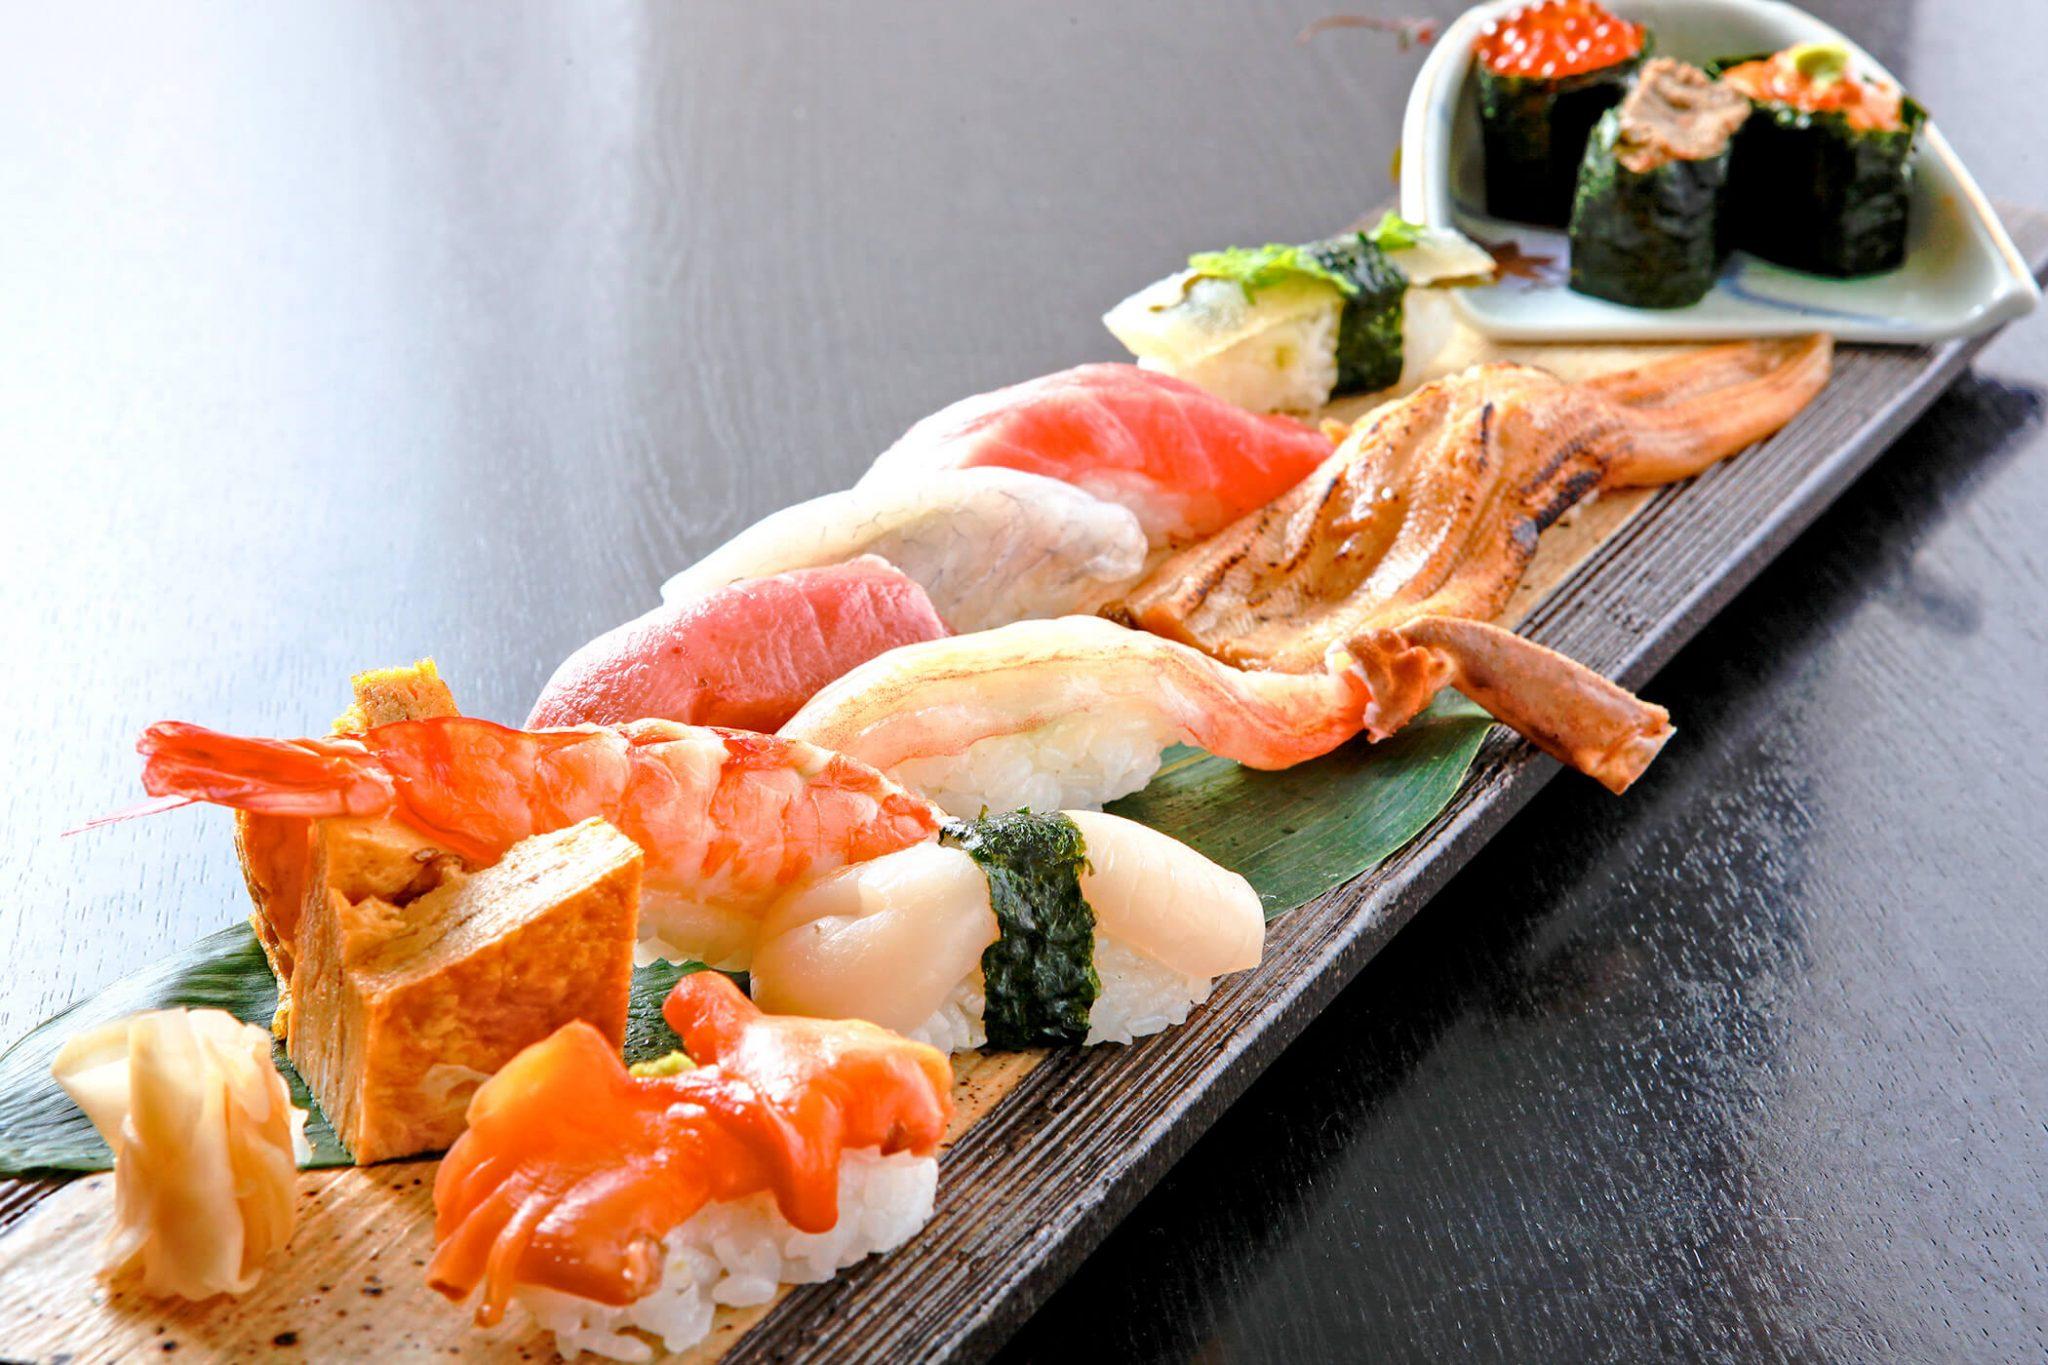 伊津美 甲府市 寿司